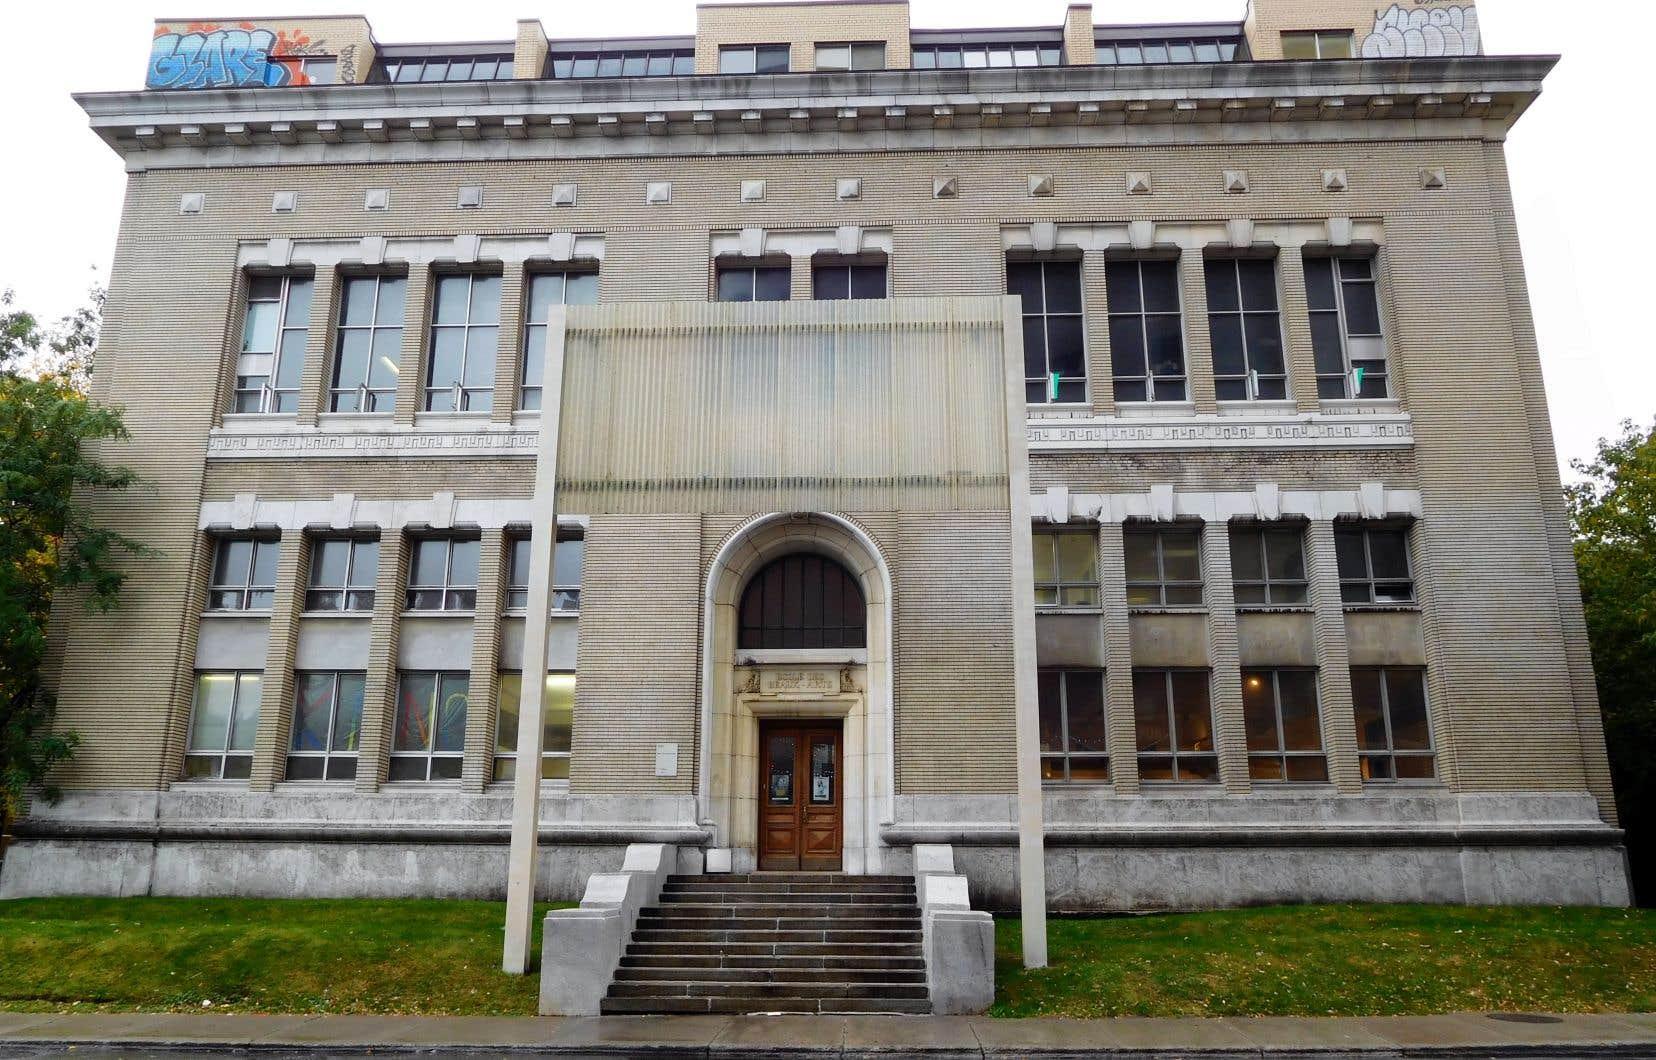 «L'ÉBAM est un bâtiment exceptionnel construit en 1922 par Jean-Omer Marchand et Ernest Cormier, deux architectes québécois des plus célèbres et innovateurs», rappelle l'auteur.